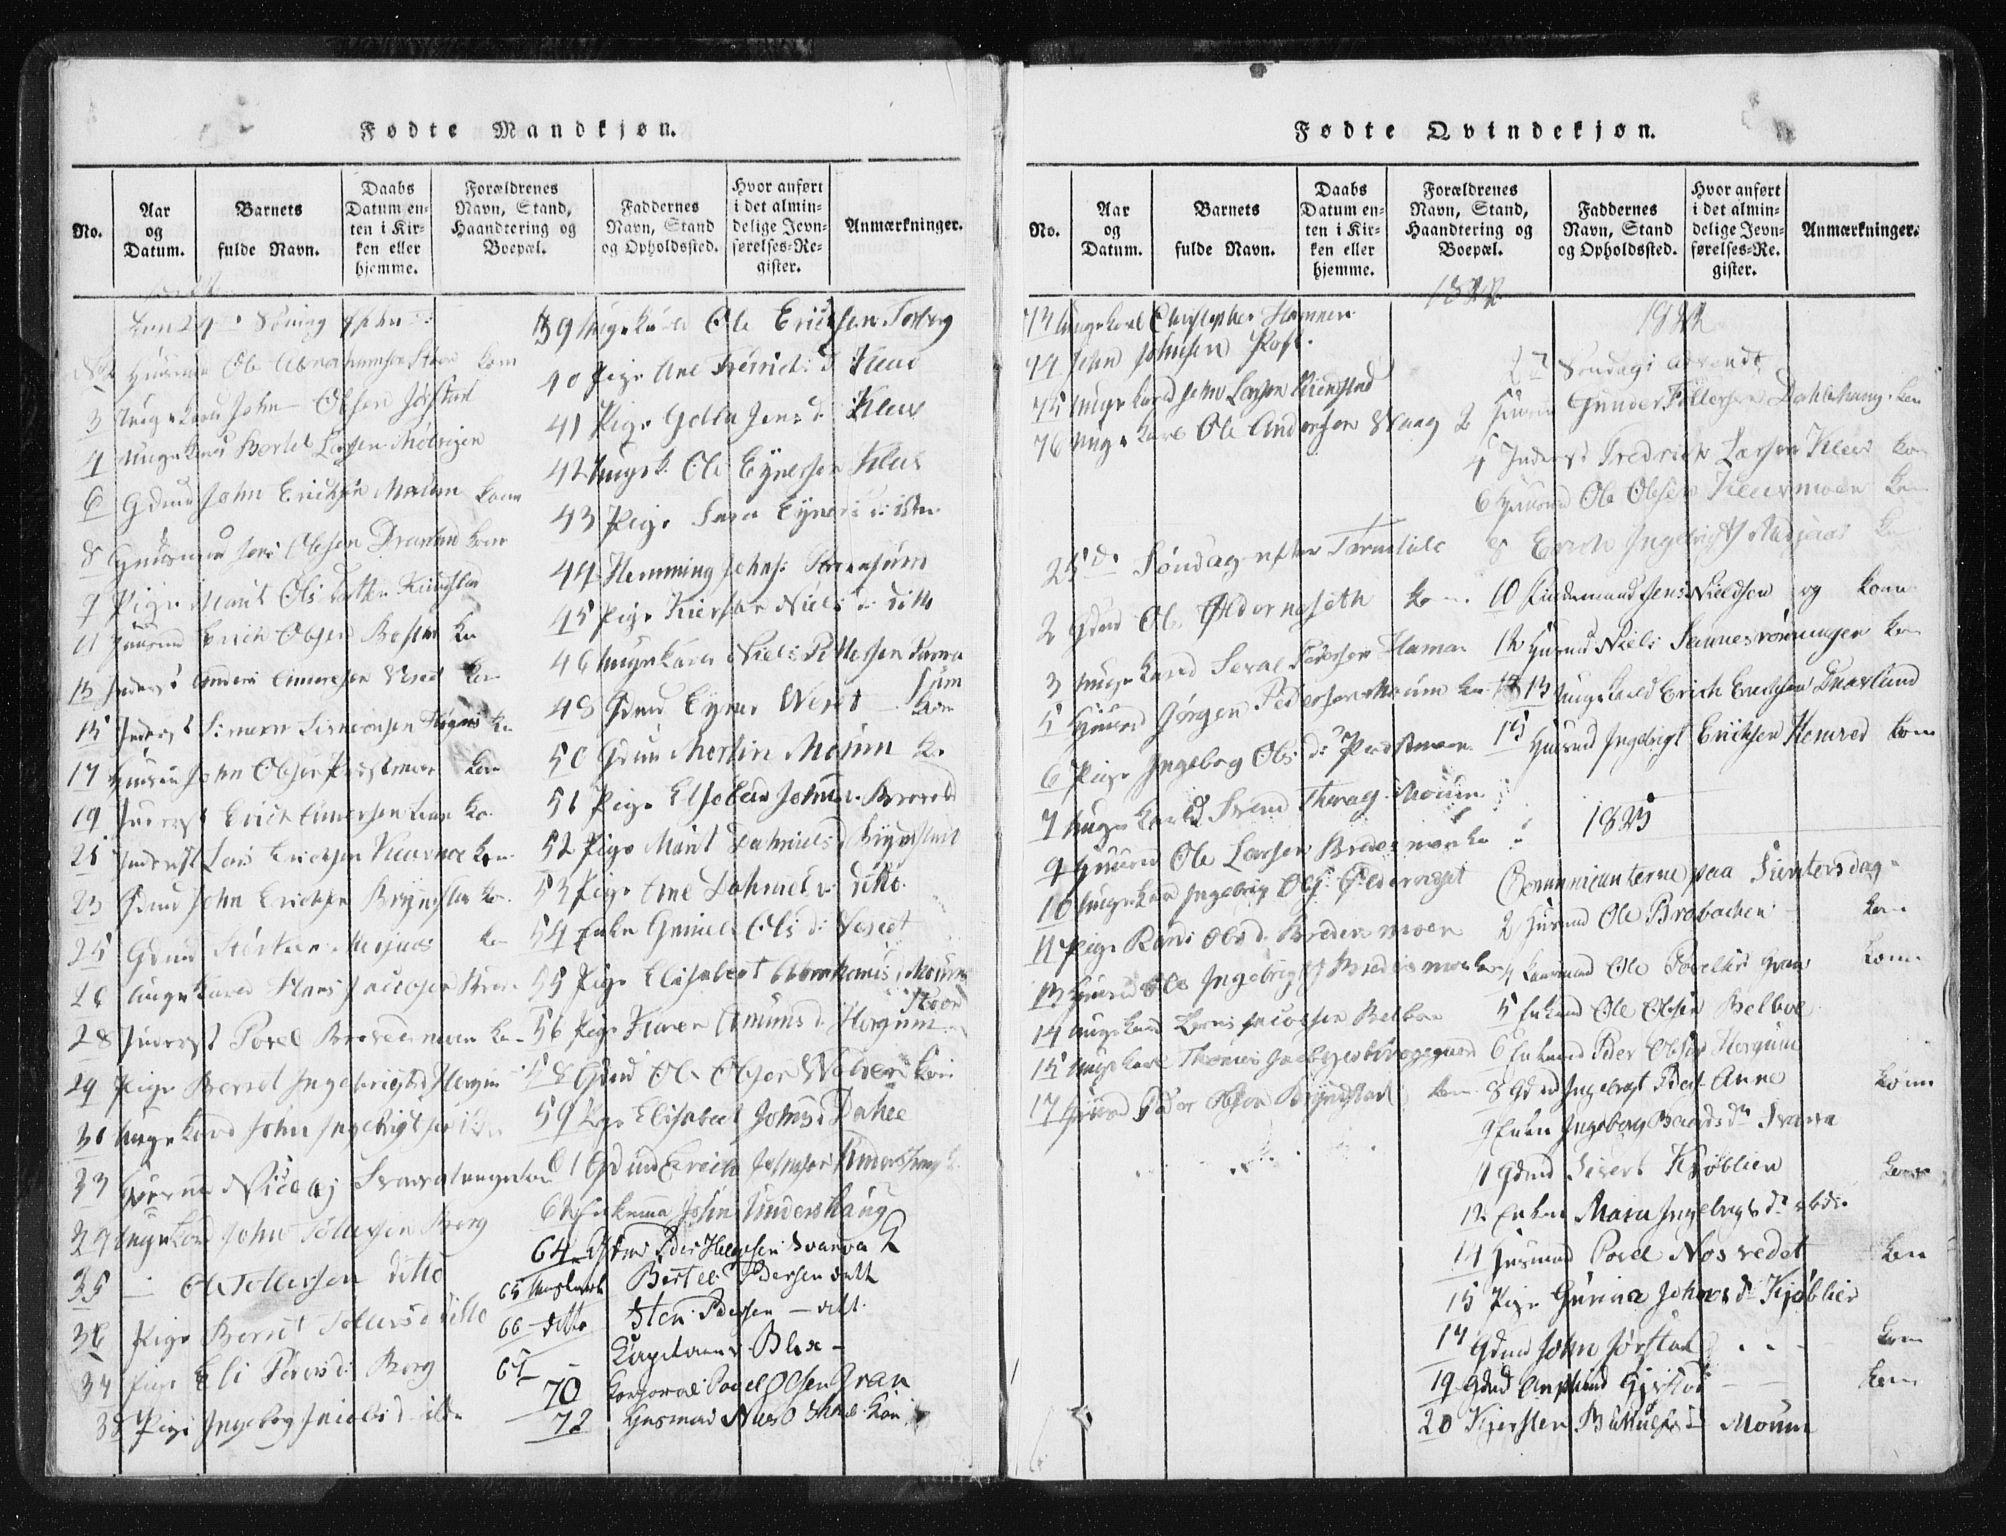 SAT, Ministerialprotokoller, klokkerbøker og fødselsregistre - Nord-Trøndelag, 749/L0471: Ministerialbok nr. 749A05, 1847-1856